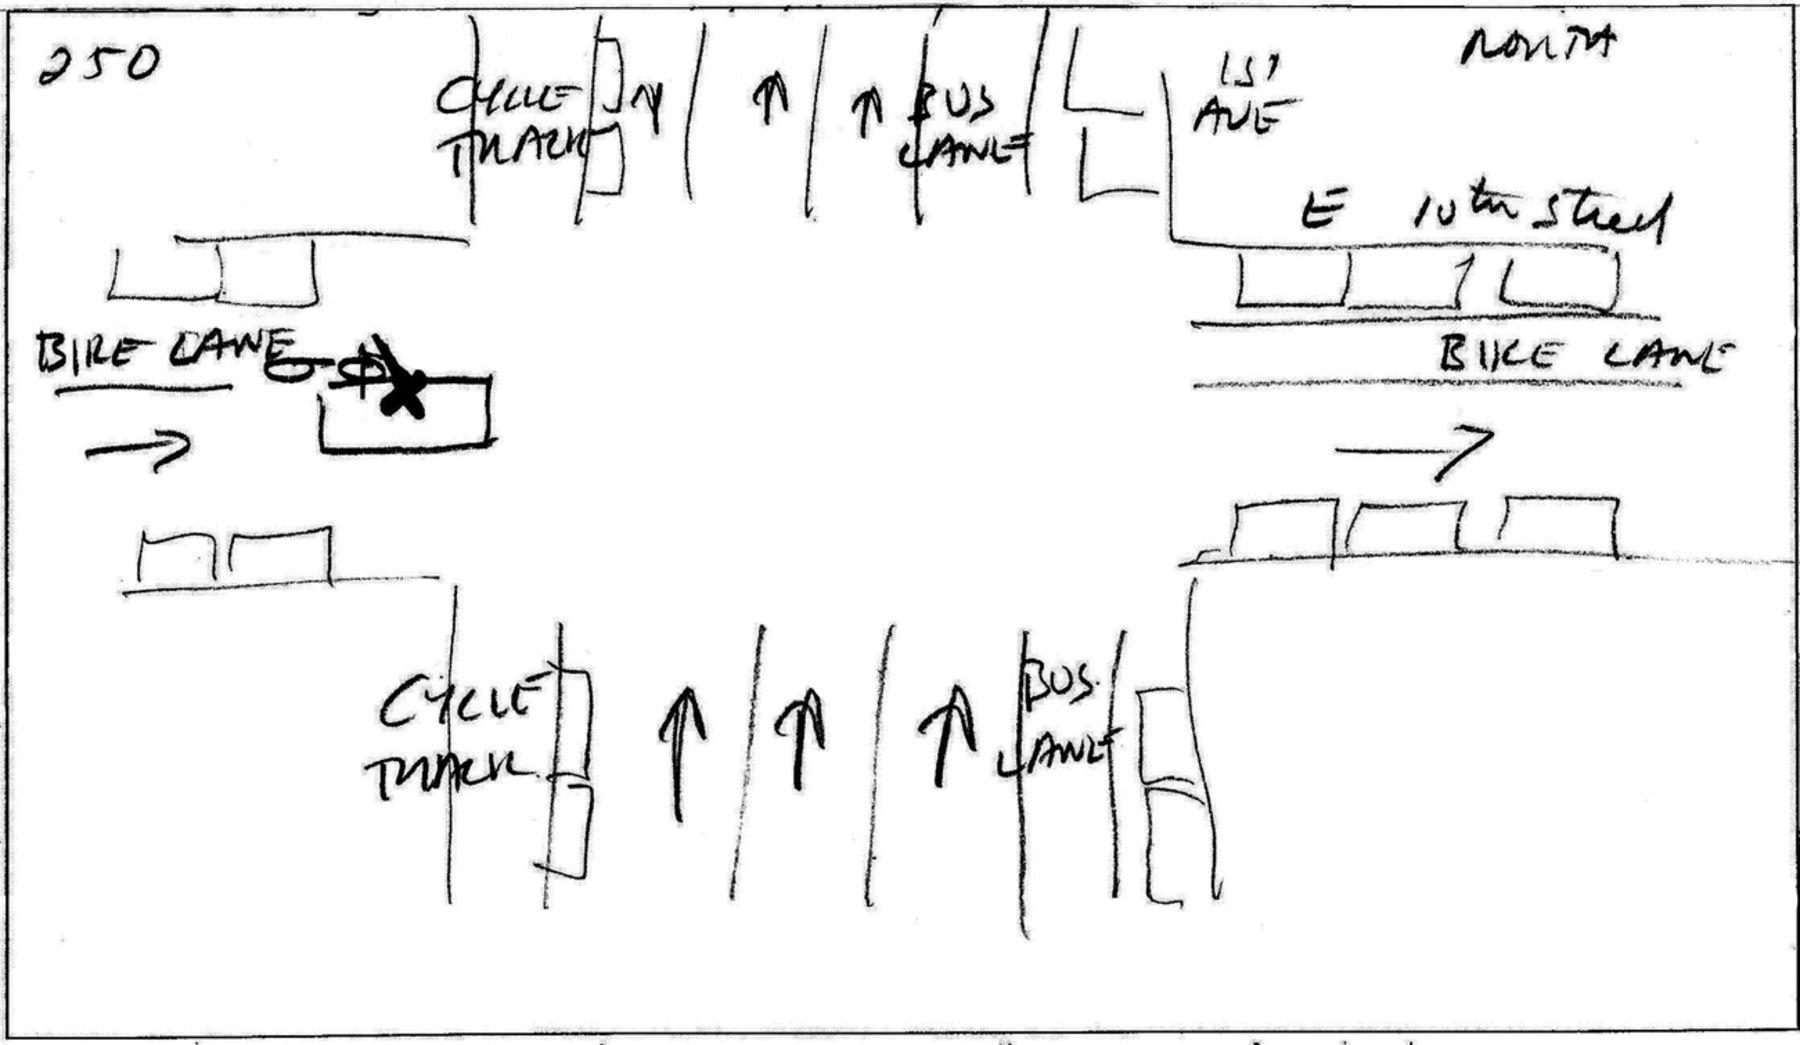 Database Improvements For Motor Vehicle  Bicycle Crash Analysis